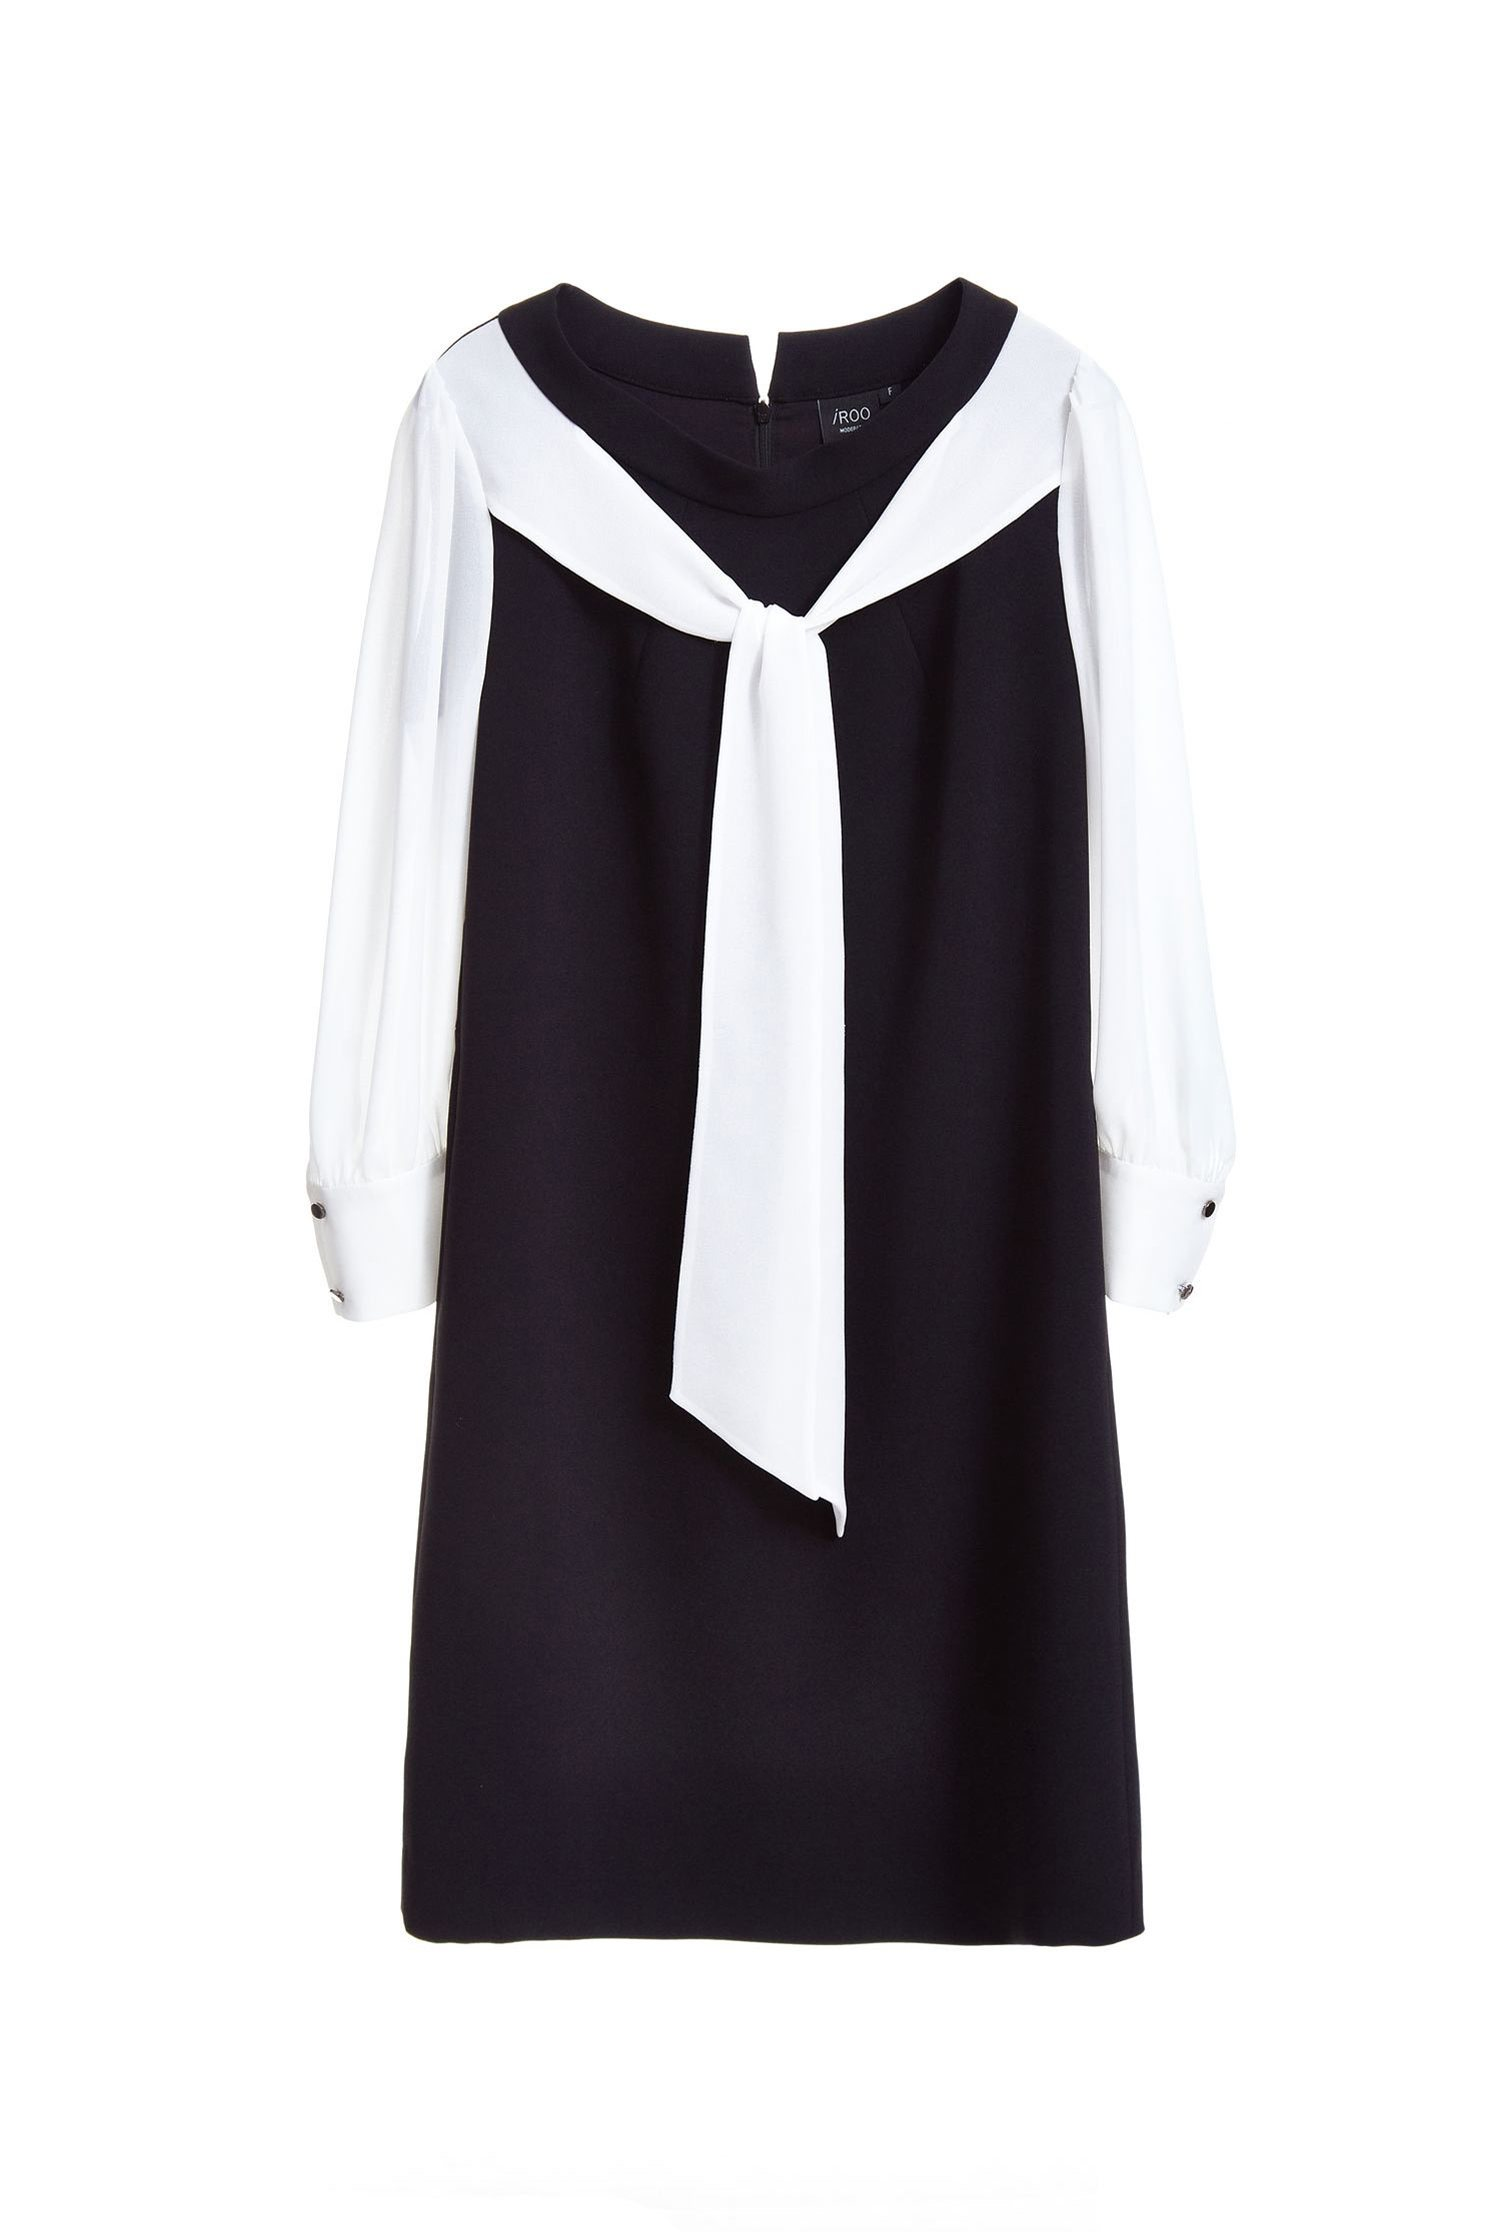 Layerd-look fashion sleeveless dress,dress,cocktaildress,sleevelessdress,longsleevedress,chiffon,chiffondress